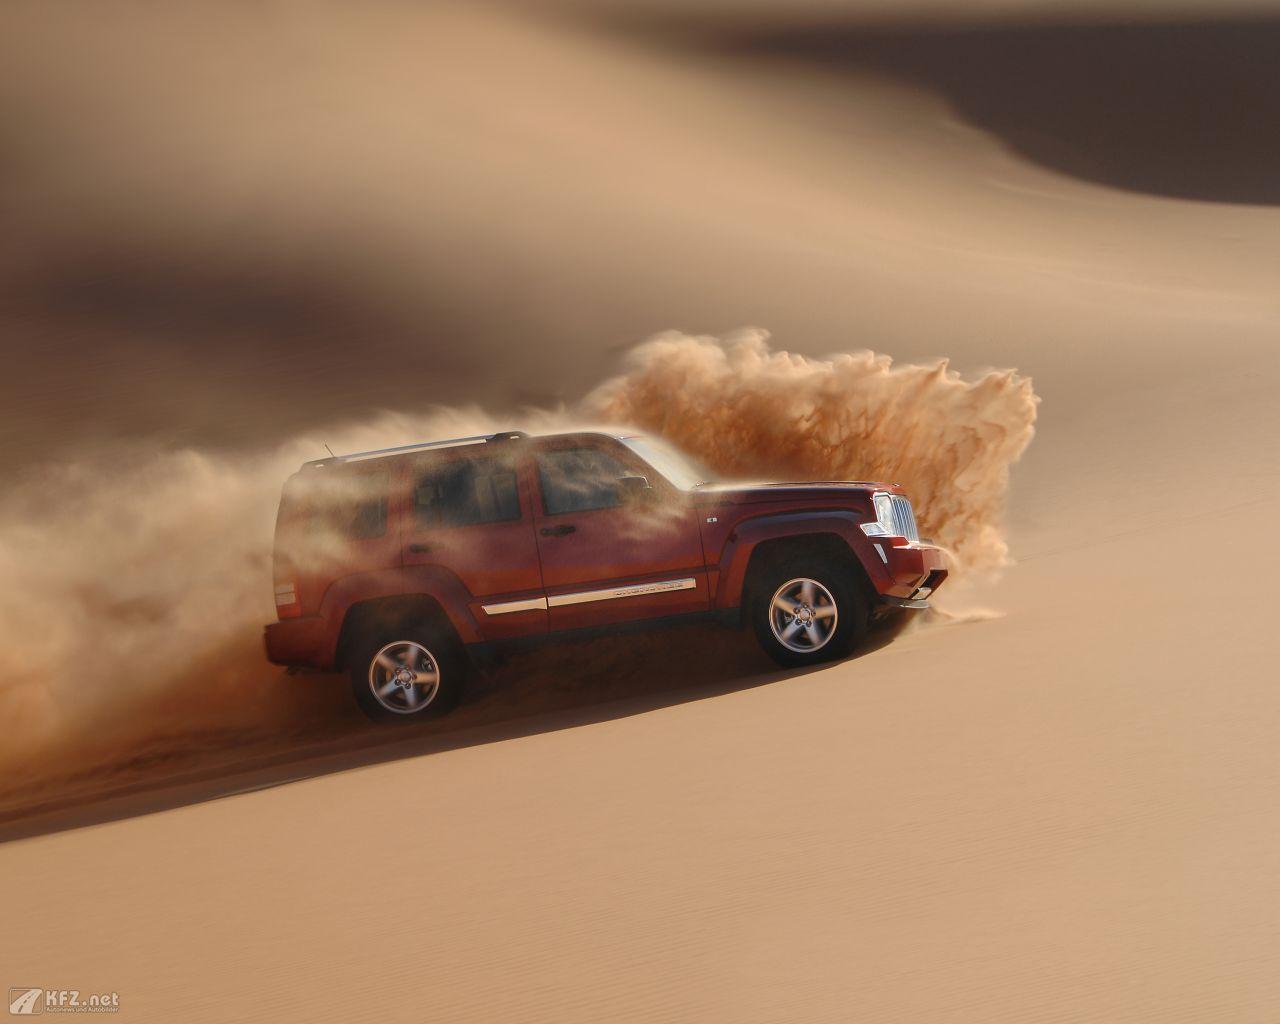 jeep-cherokee-1280x1024-2